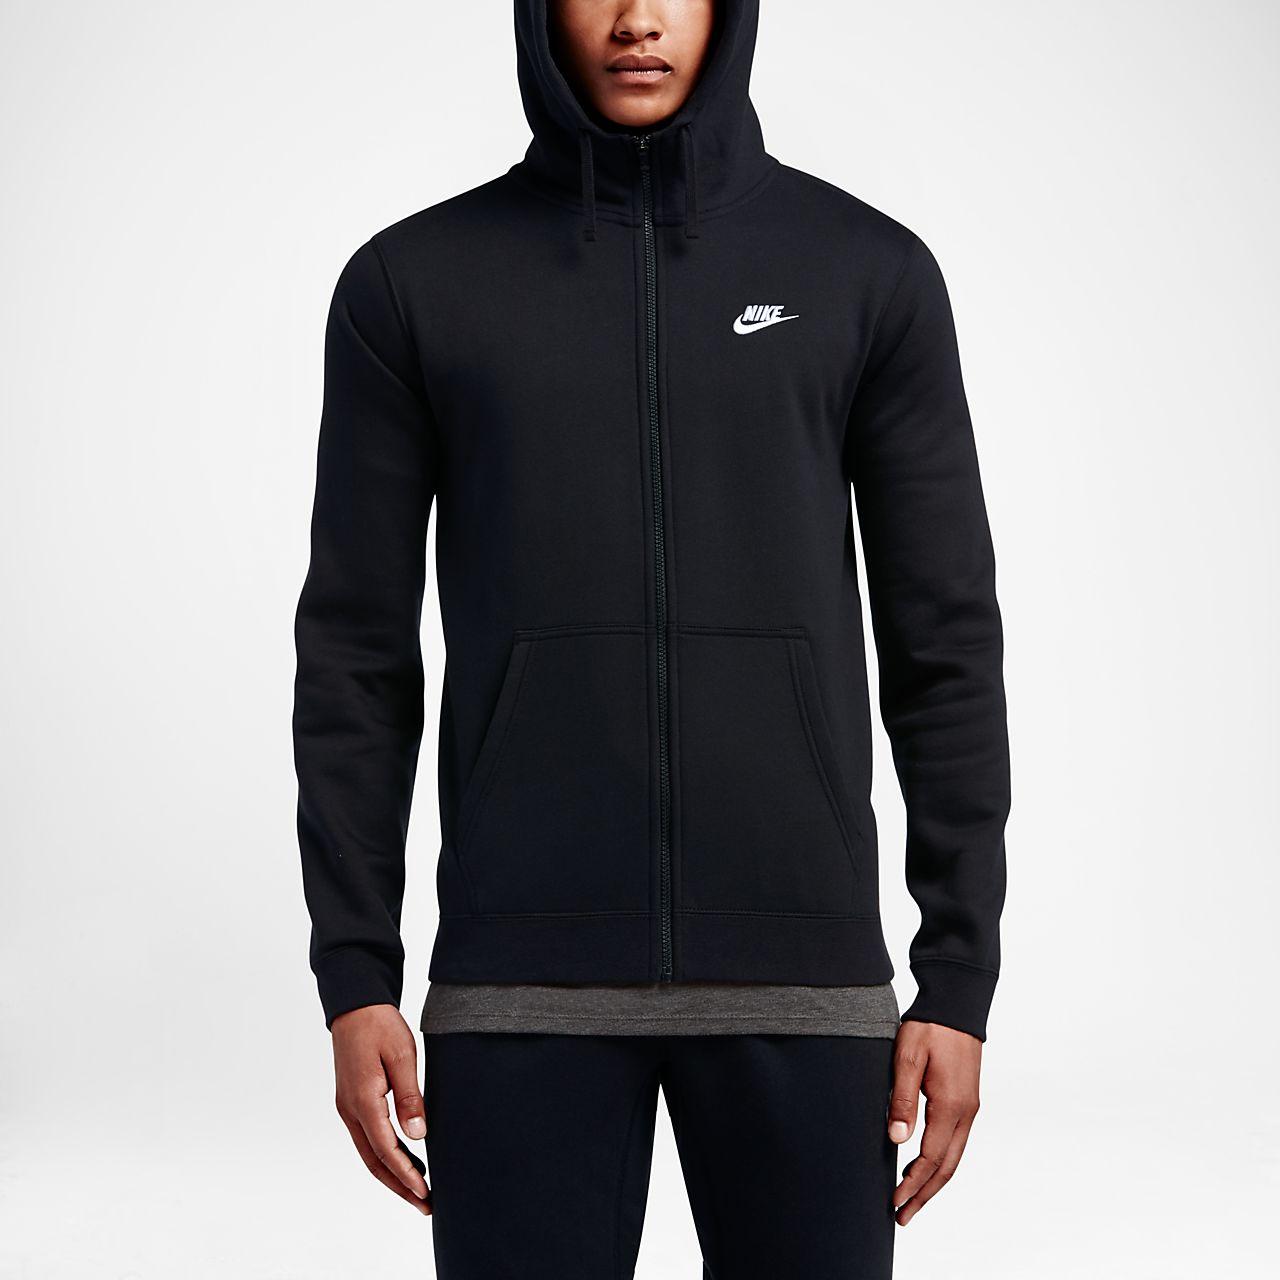 Buy nike sportswear   up to 64% Discounts df23ffbfa1d8